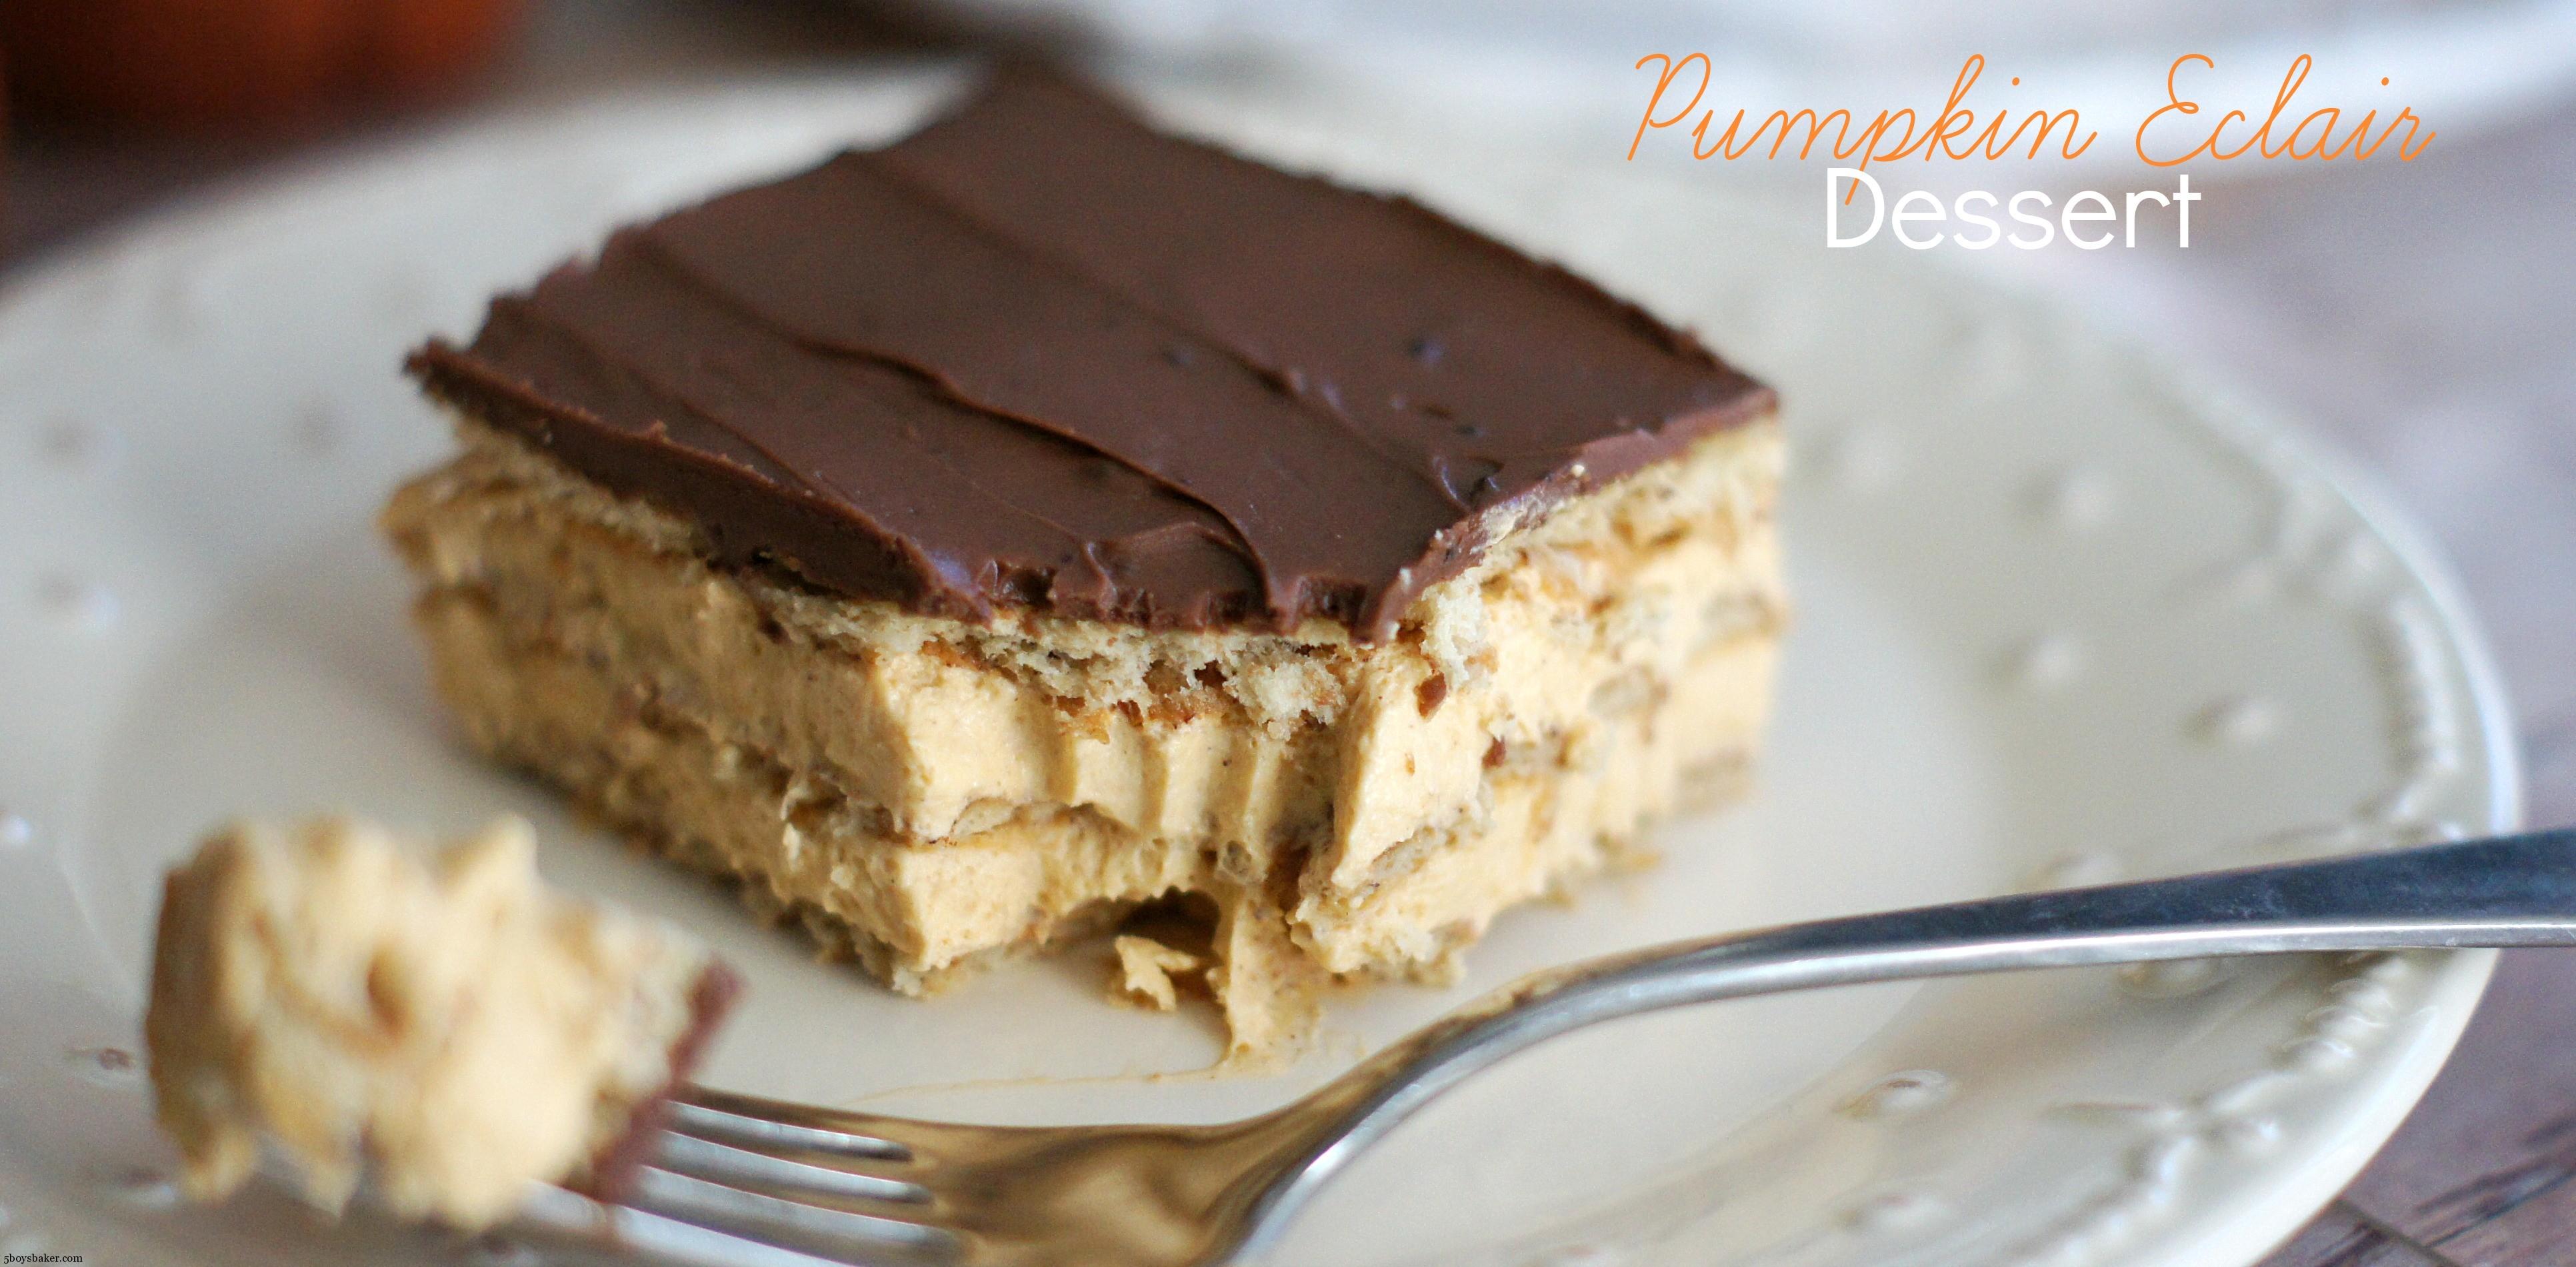 Pumpkin Eclair Dessert - 5BoysBaker